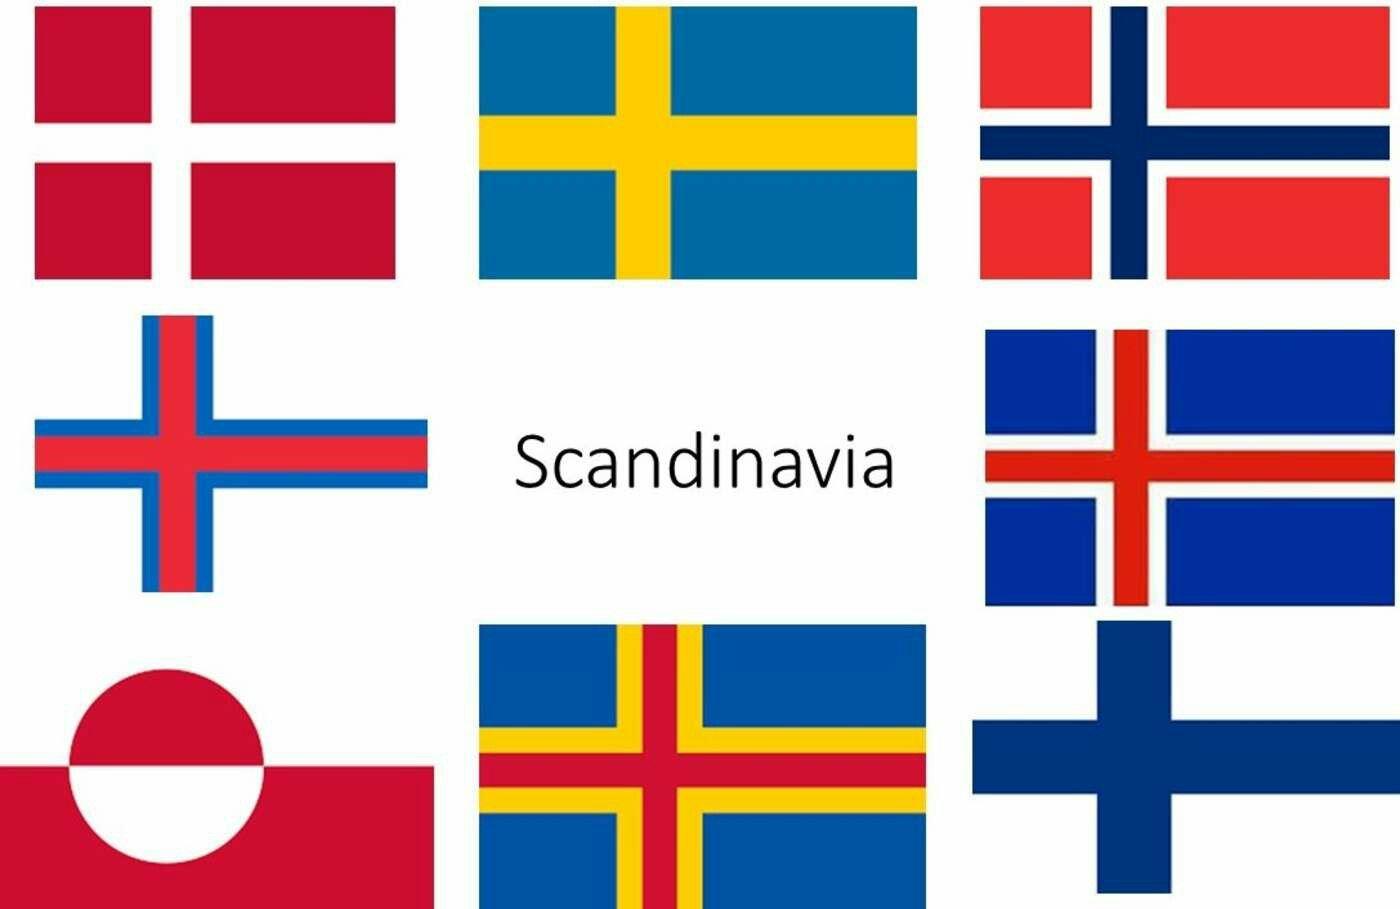 Scandinavian Countries Flag Jpg 531 274 Flag European Flags Scandinavian